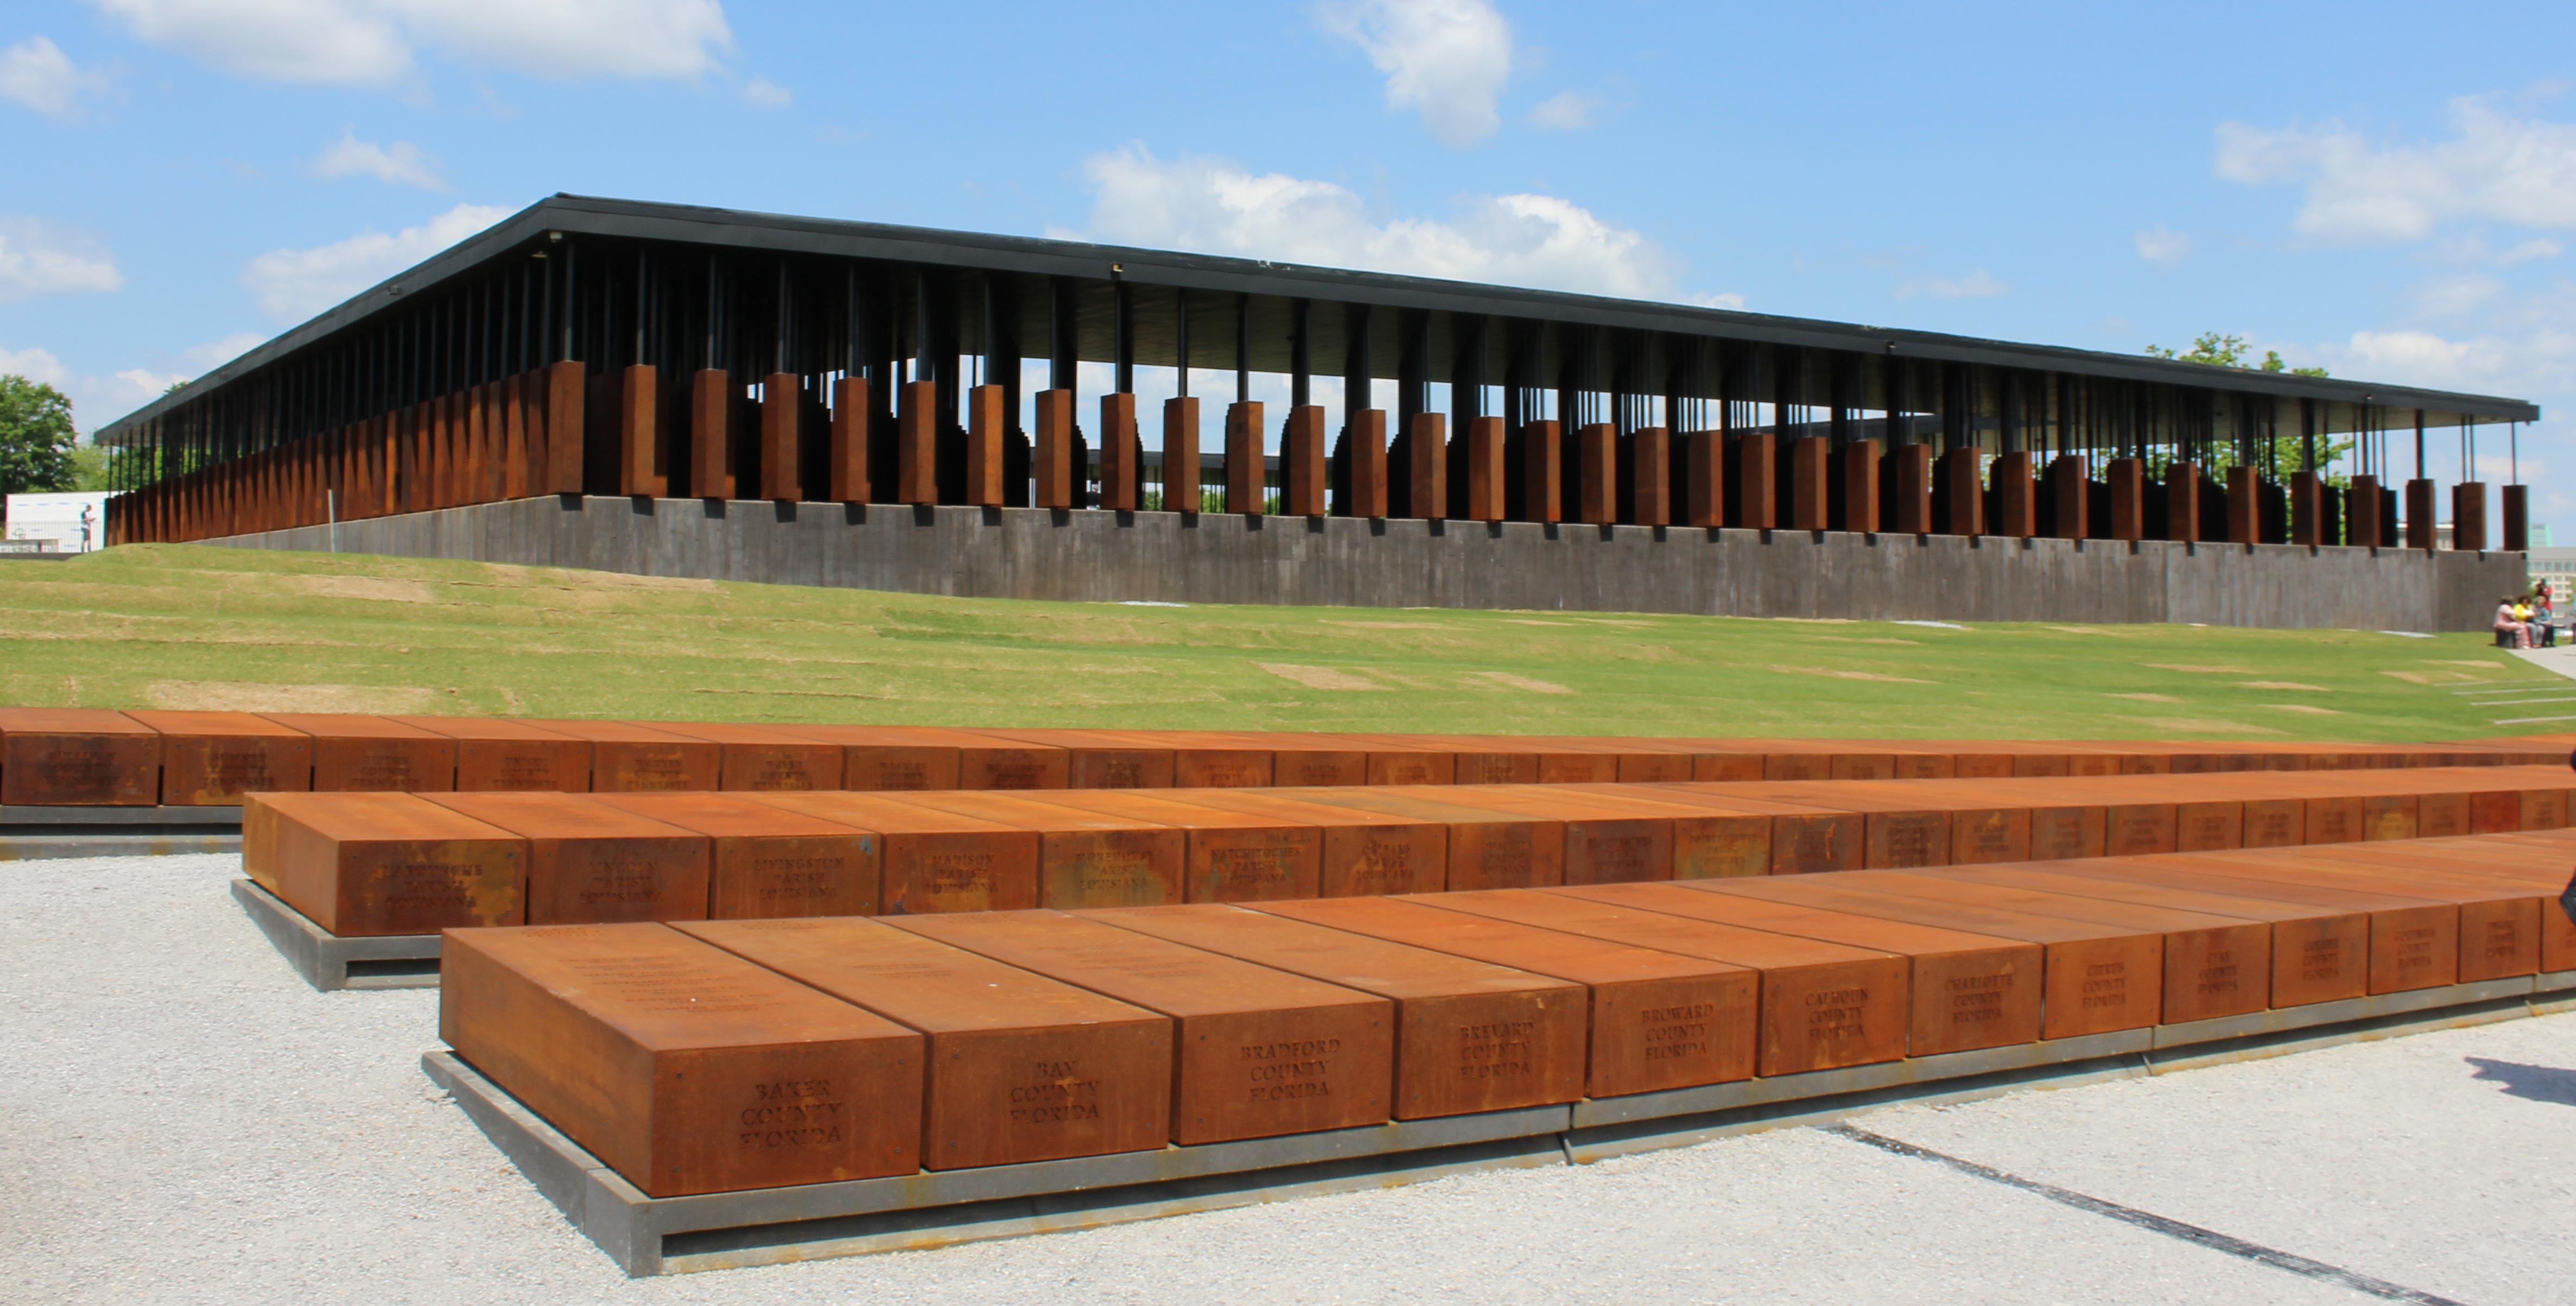 Monumento conmemorativo Nacional por la paz y la justicia